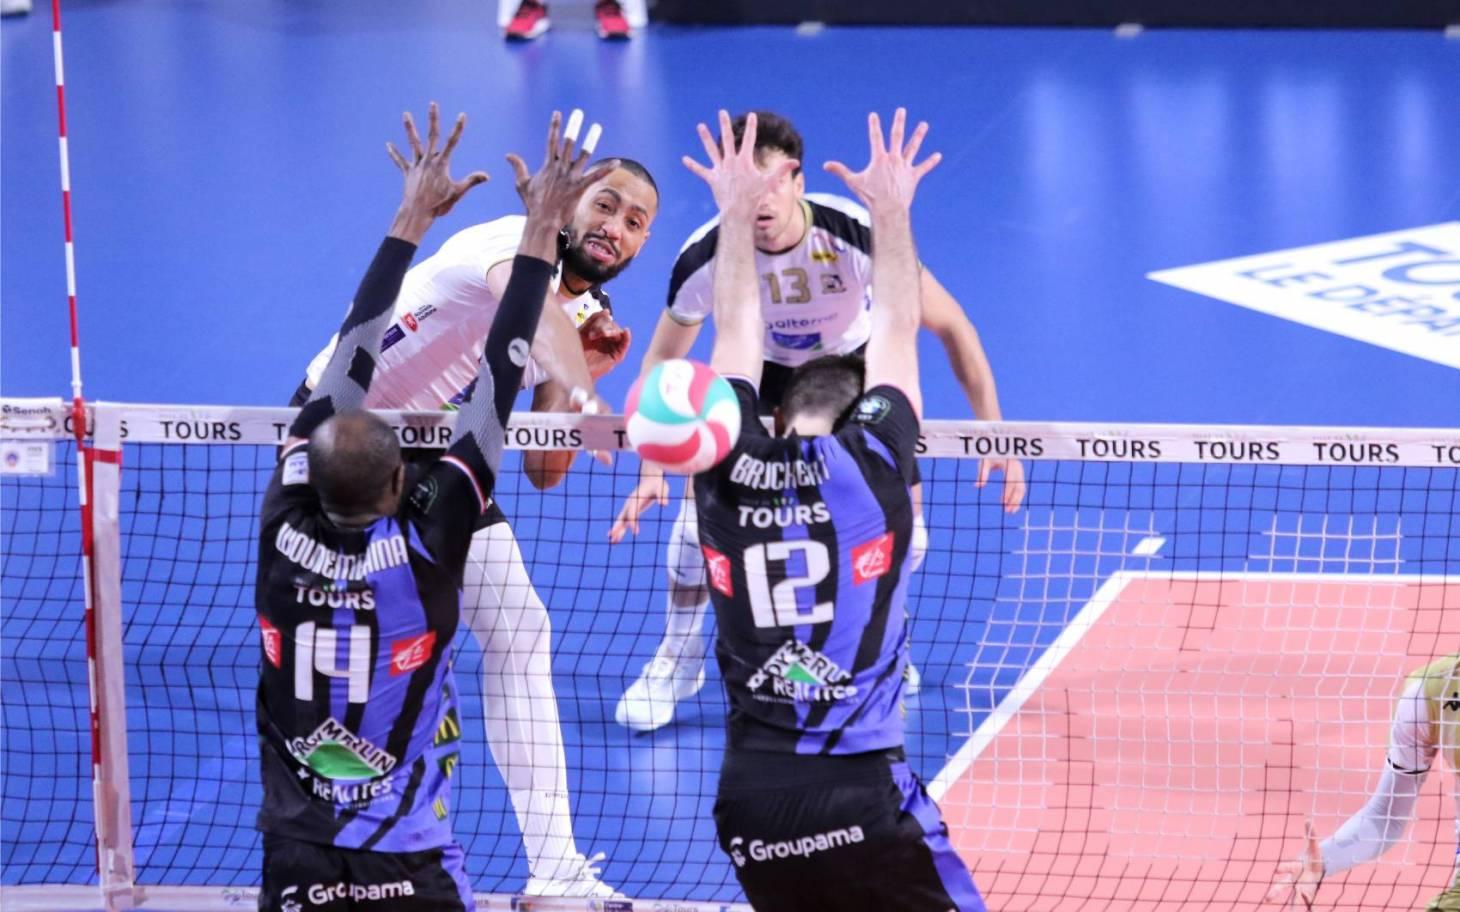 Volley - Poitiers au pied de la montagne héraultaise